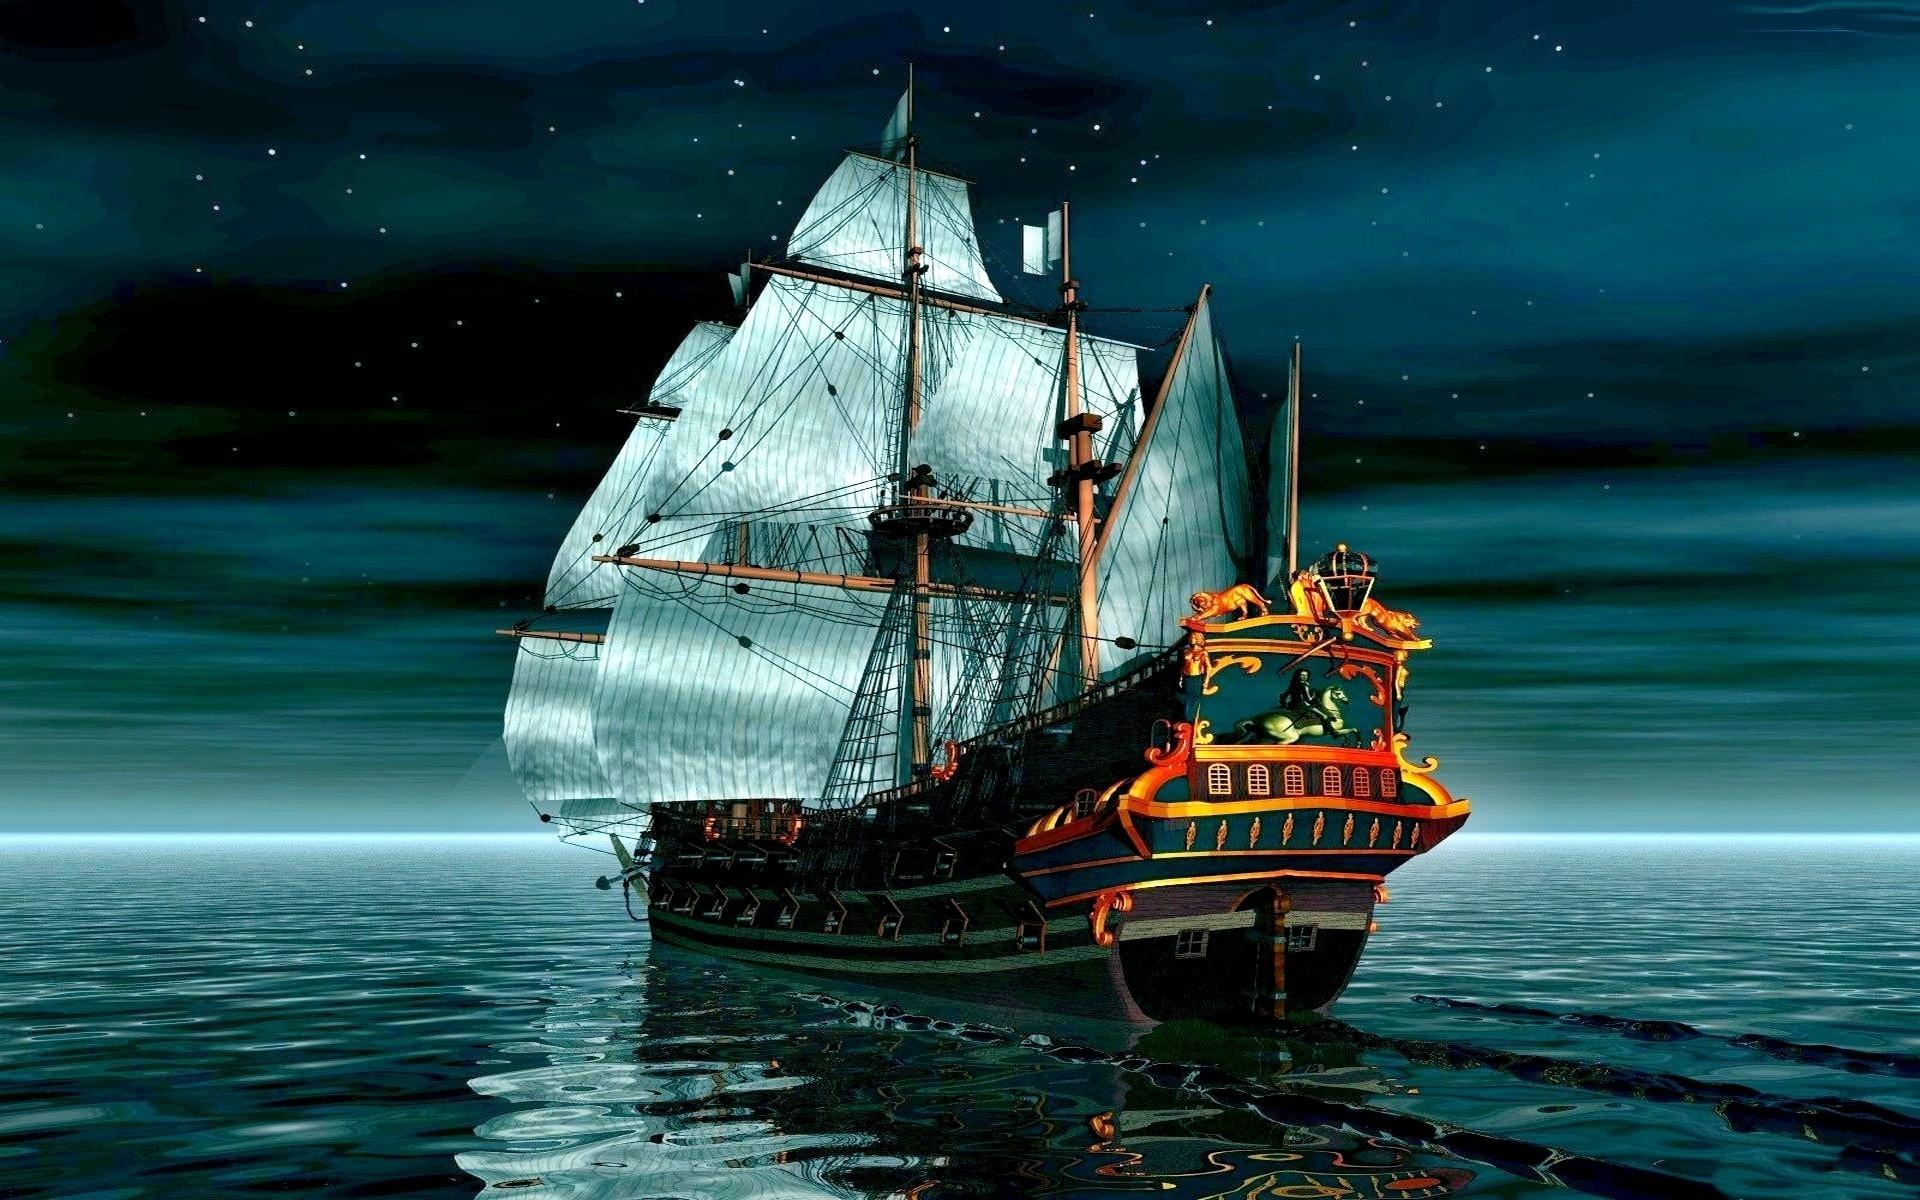 дома пространство картинки или фото корабля сразу сообщили